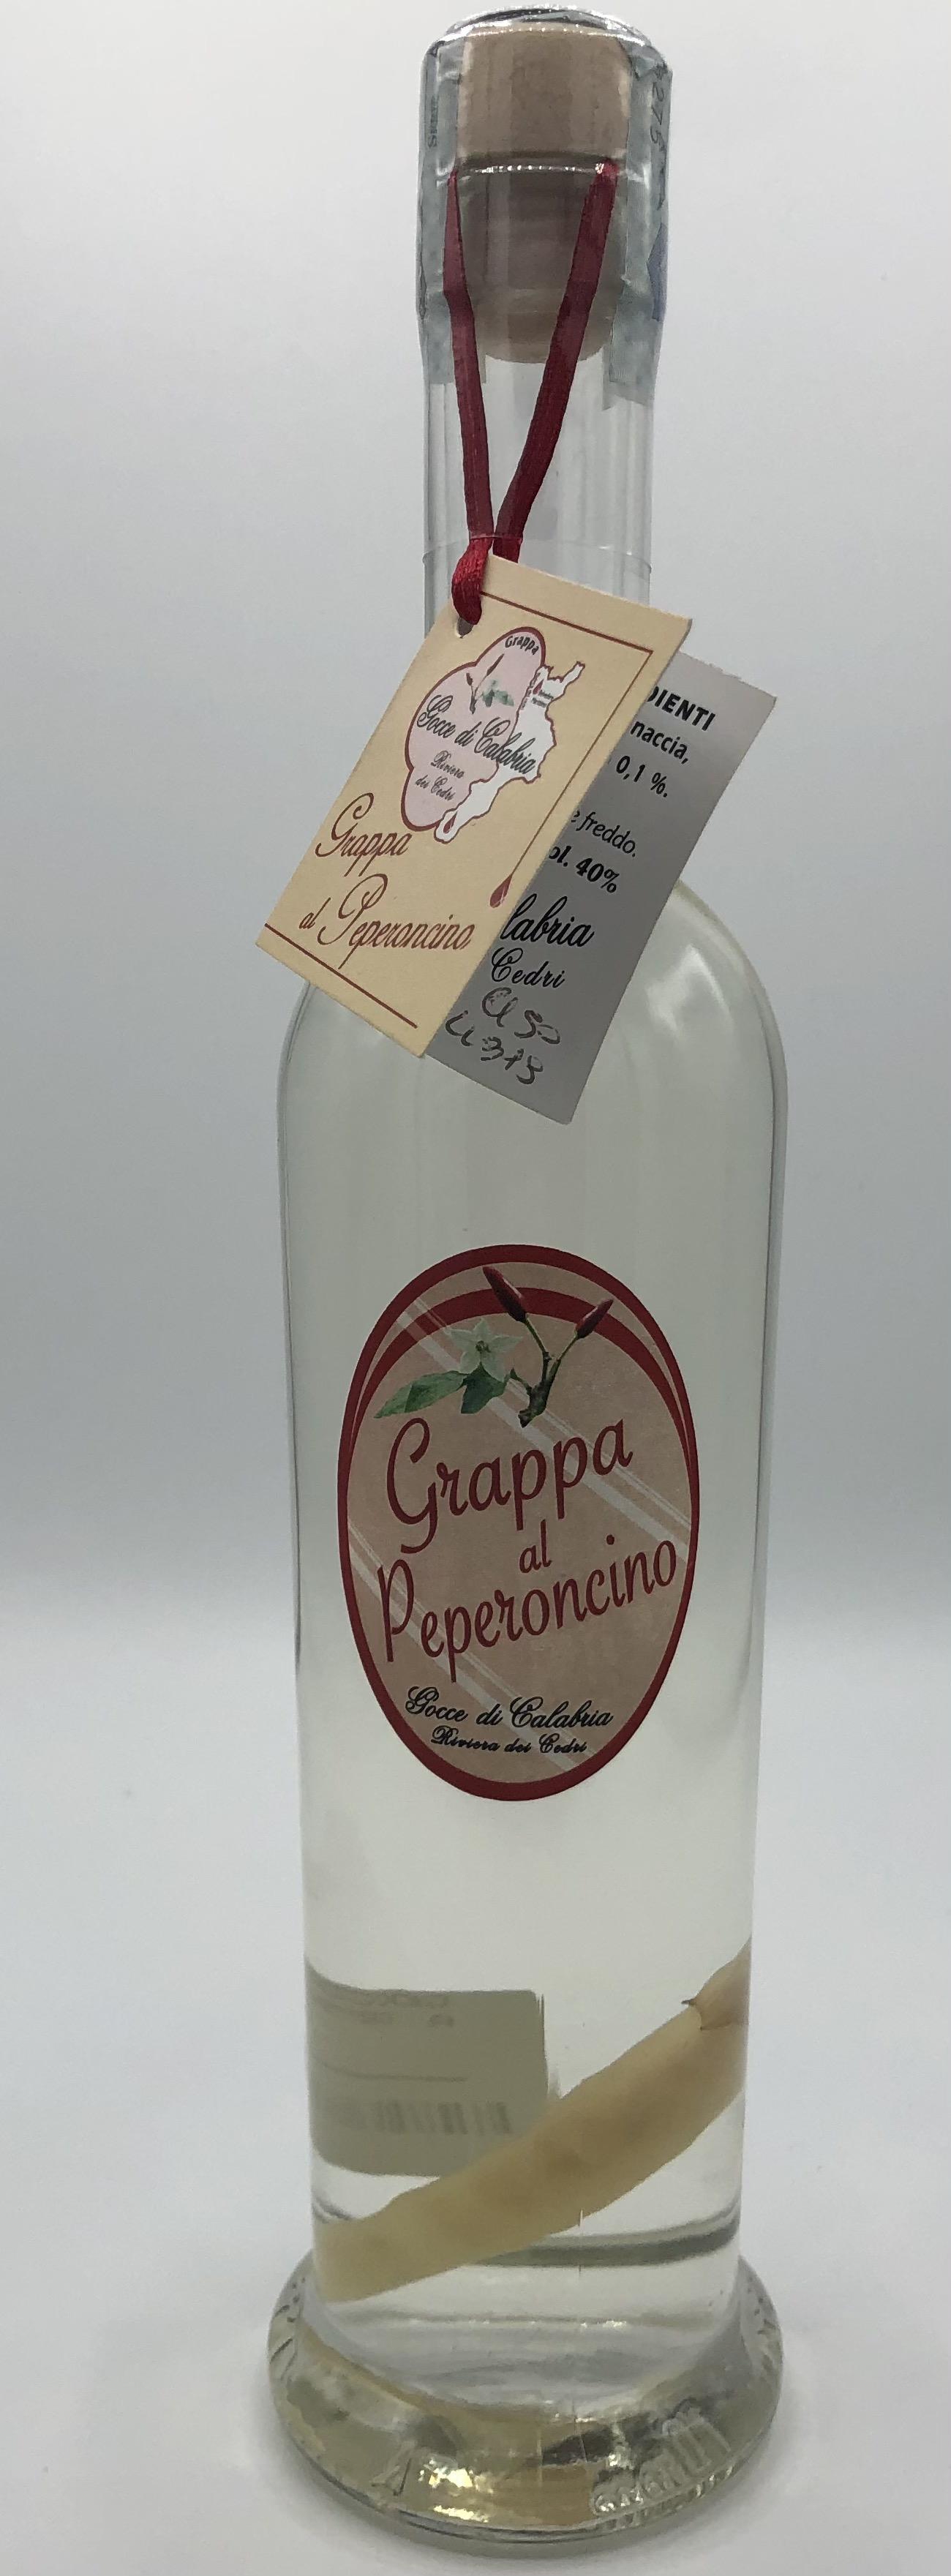 Grappa Artigianale Gocce Di Calabria Al Peperoncino CL. 50